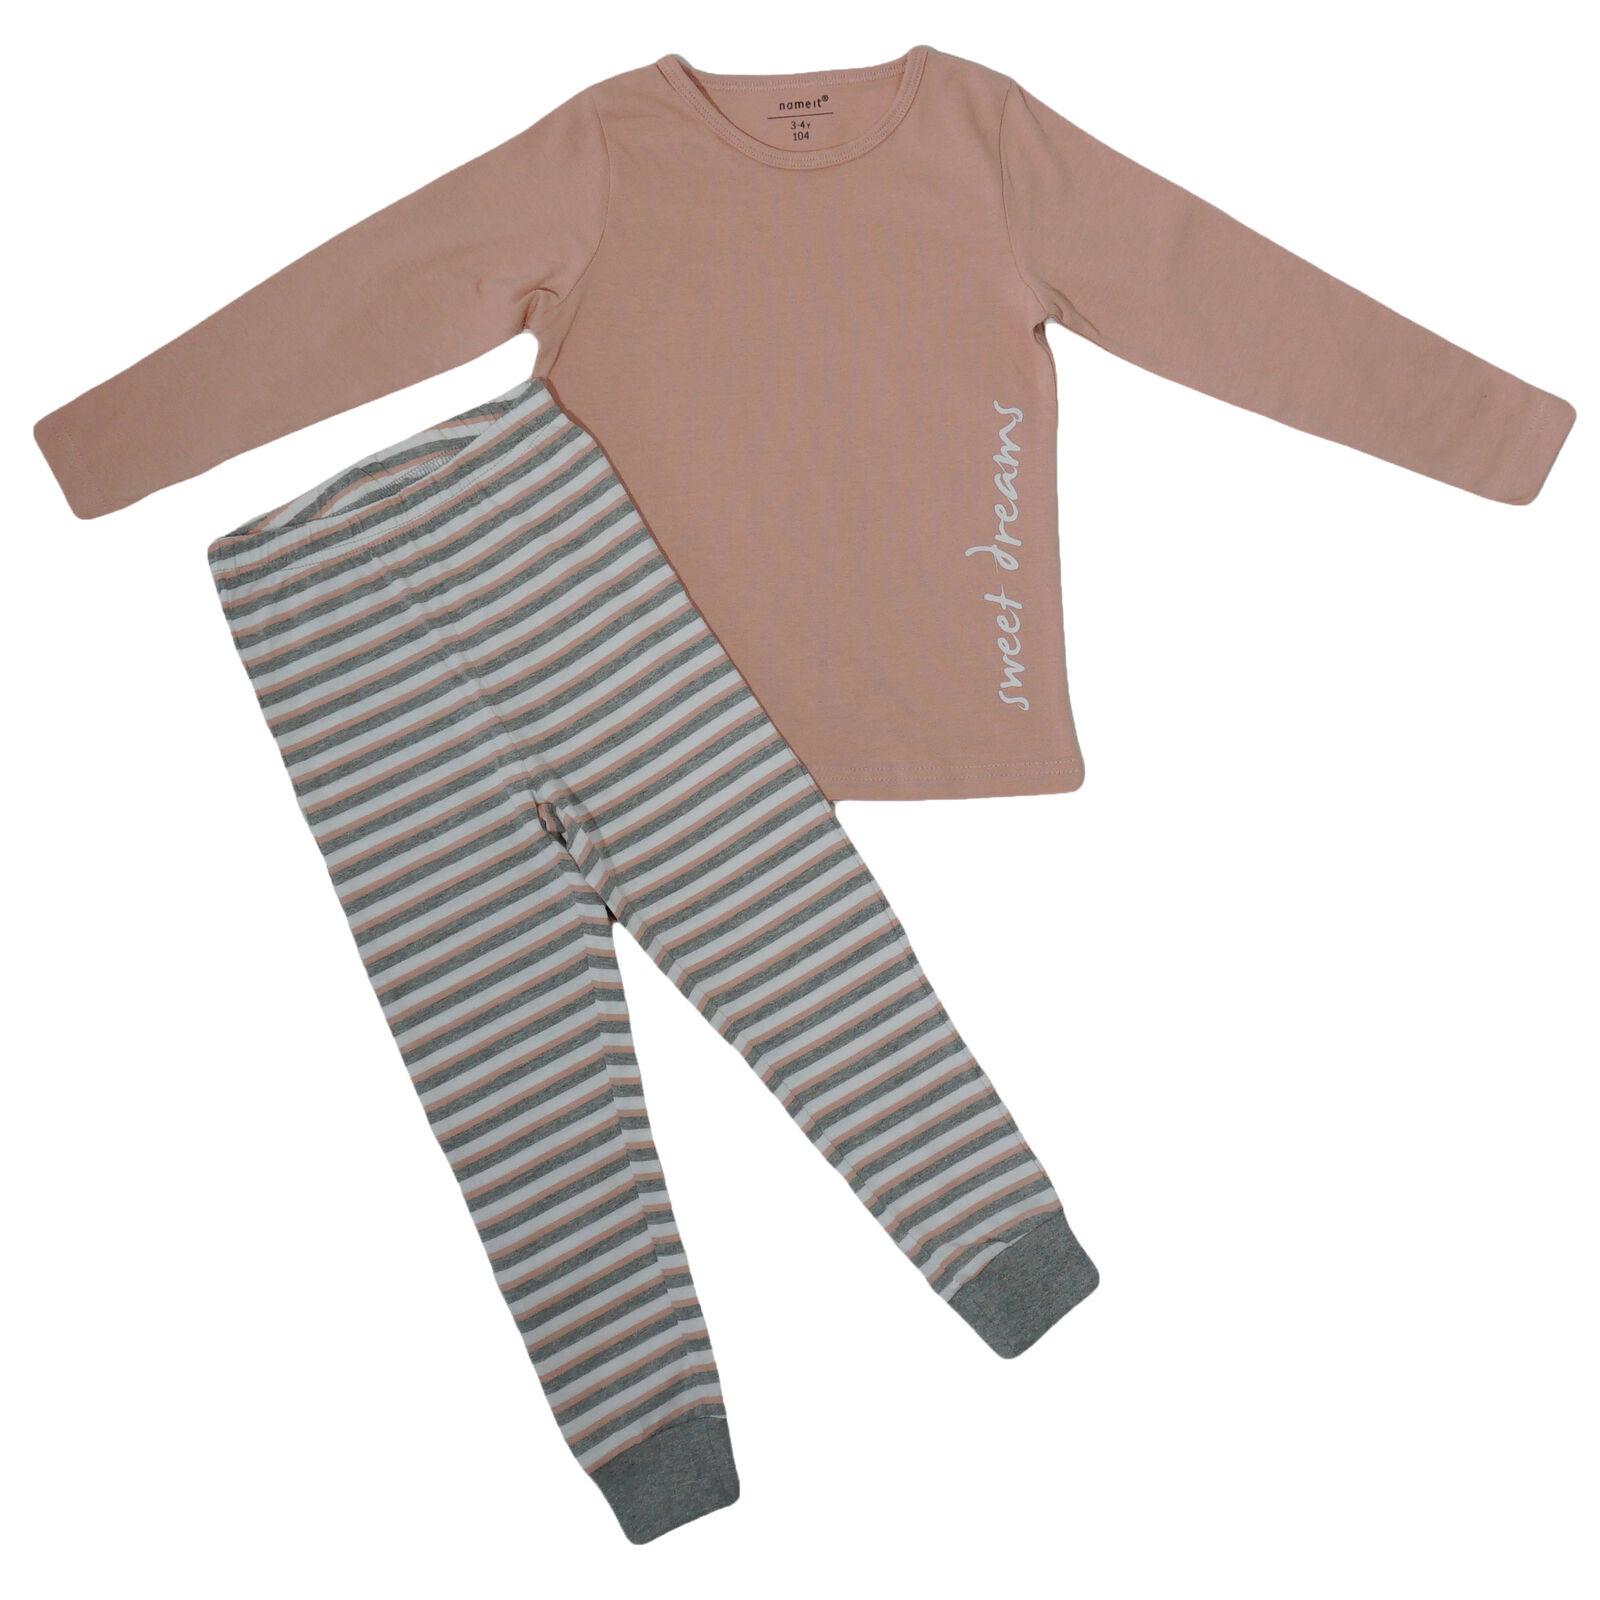 Name It PYJAMA Nightset Set Baby Mädchen Nightsuit Zweiteiler Schlafanzug Rosa